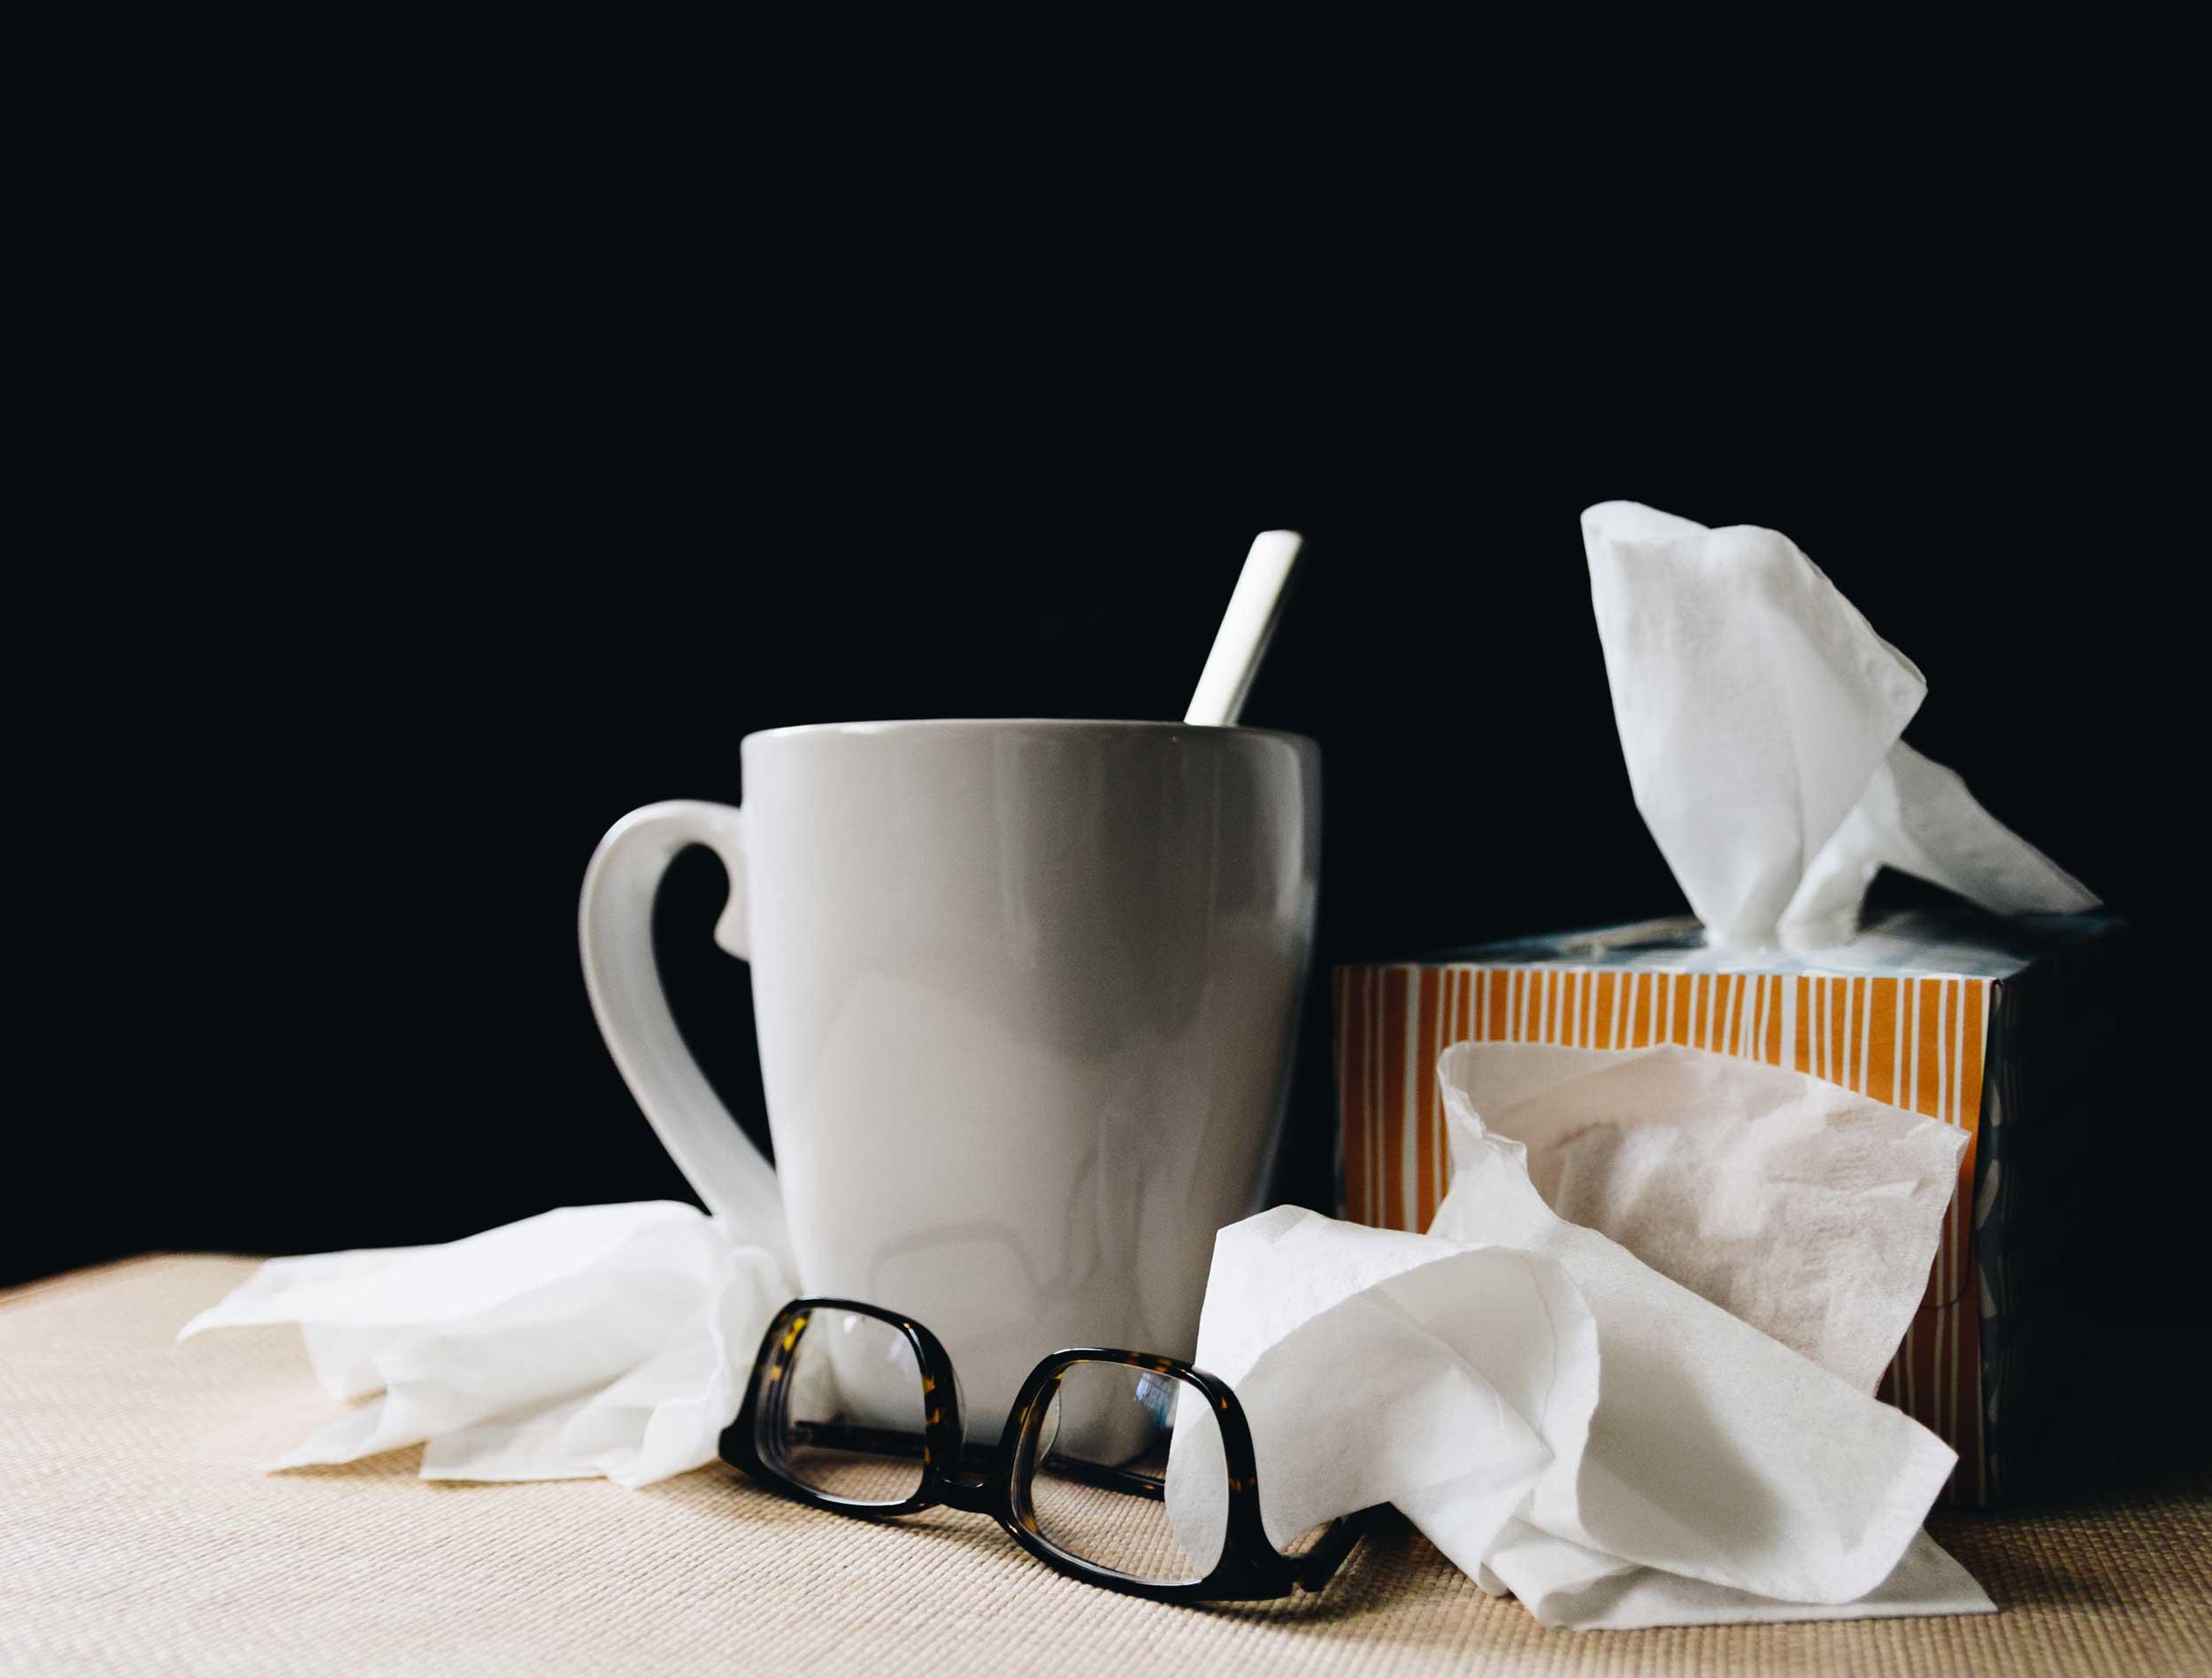 Blog Doctoome | Rhume : Alerte sur les médicaments sans ordonnance